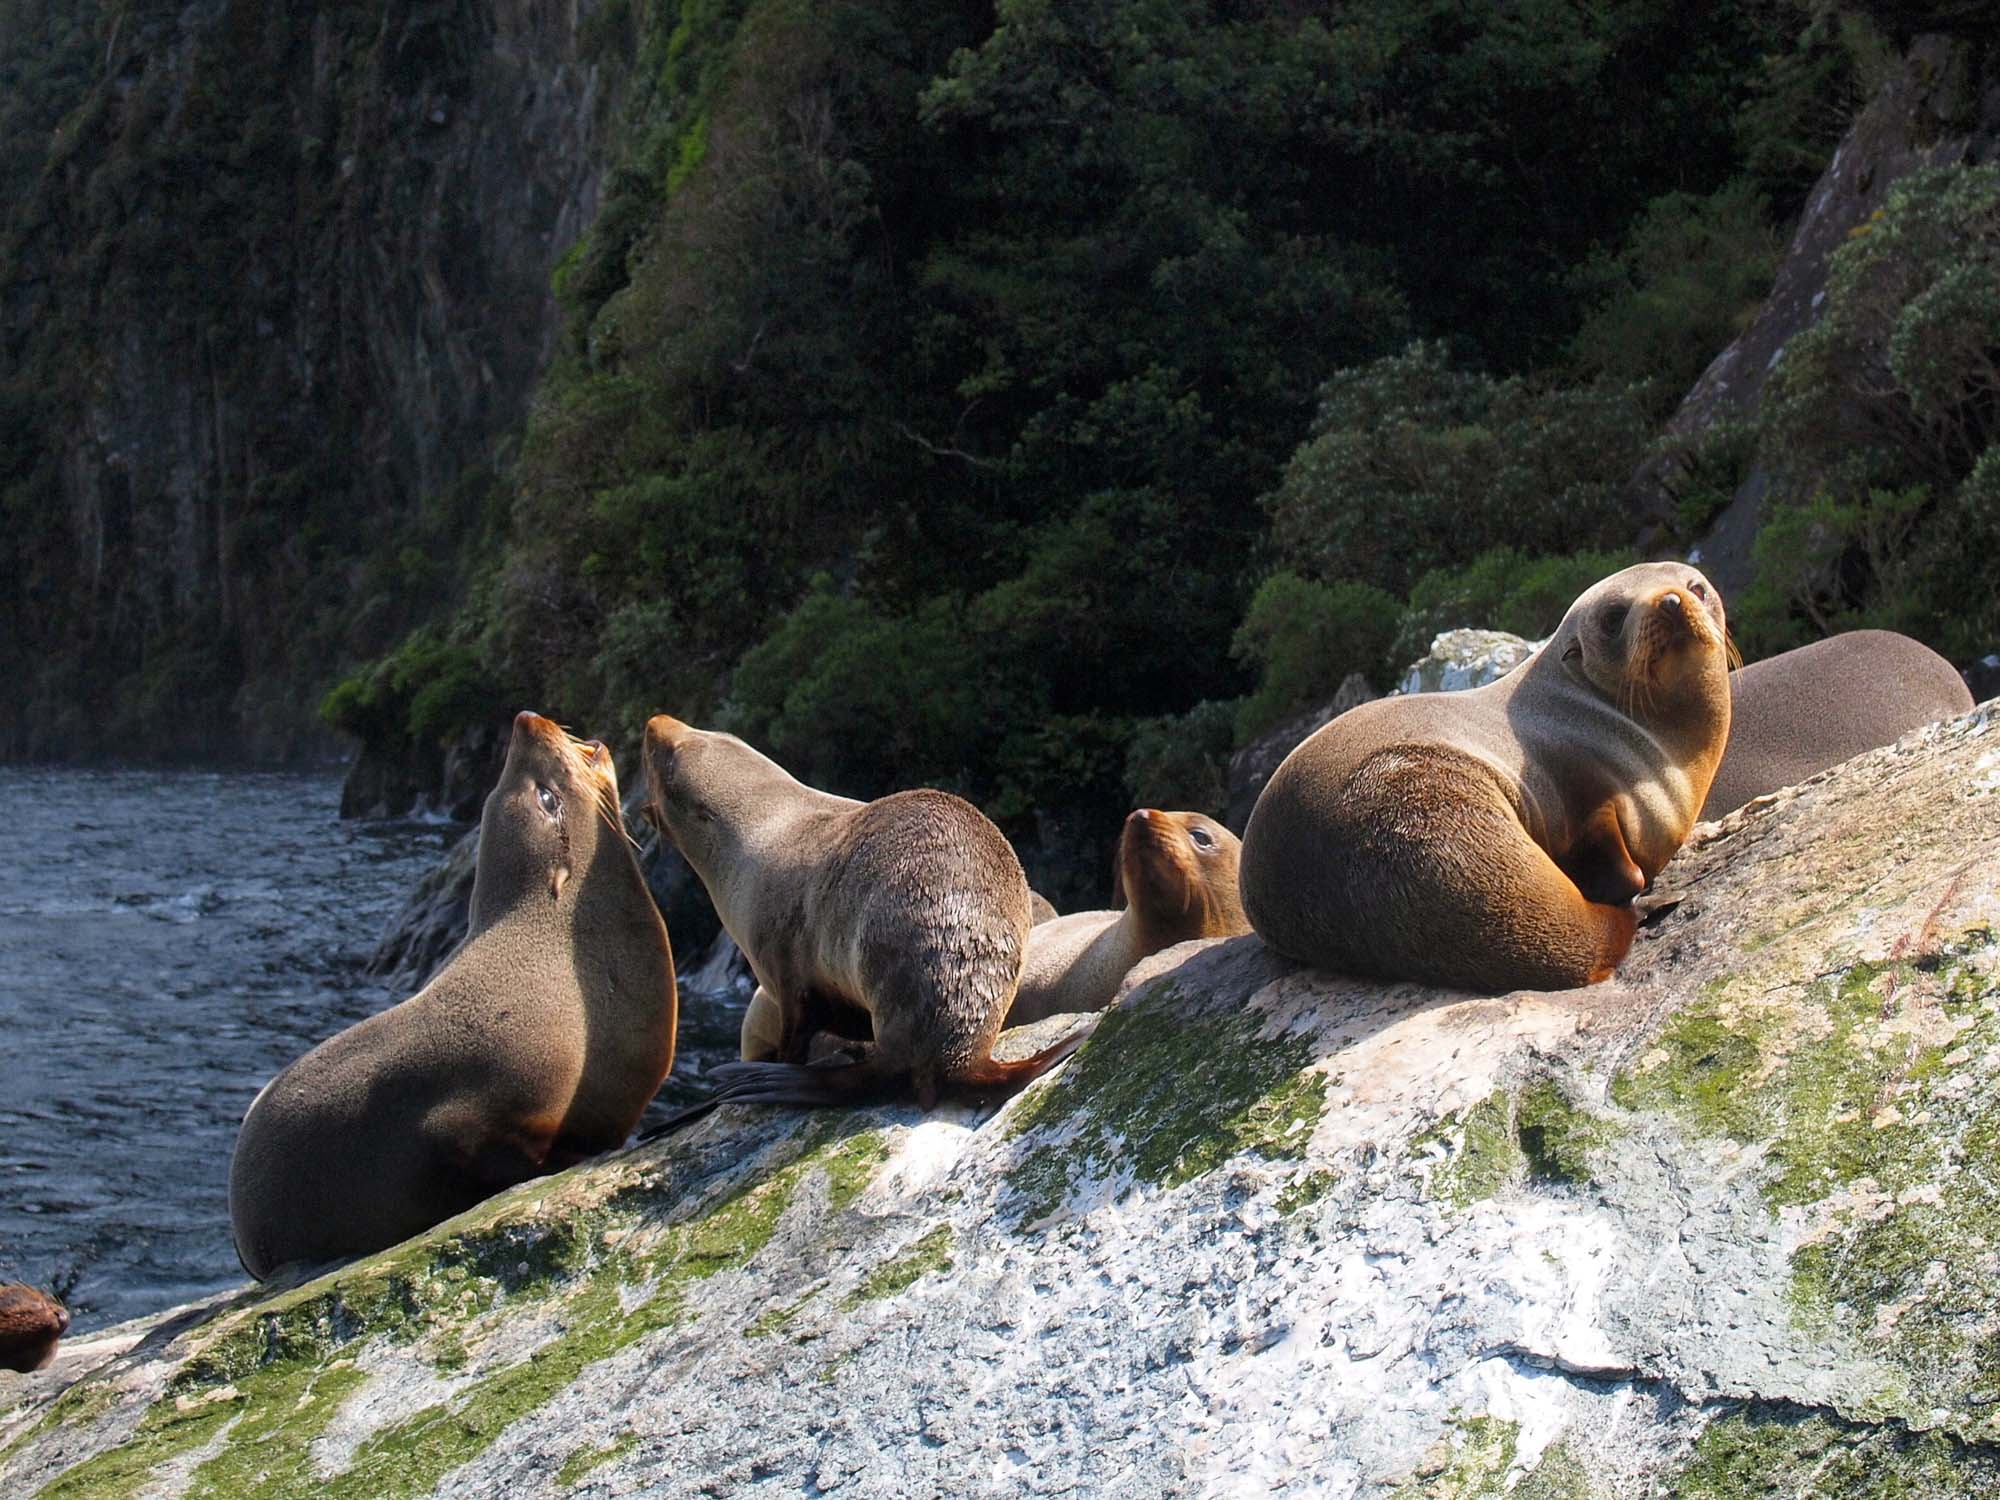 Fur seals in New Zealand